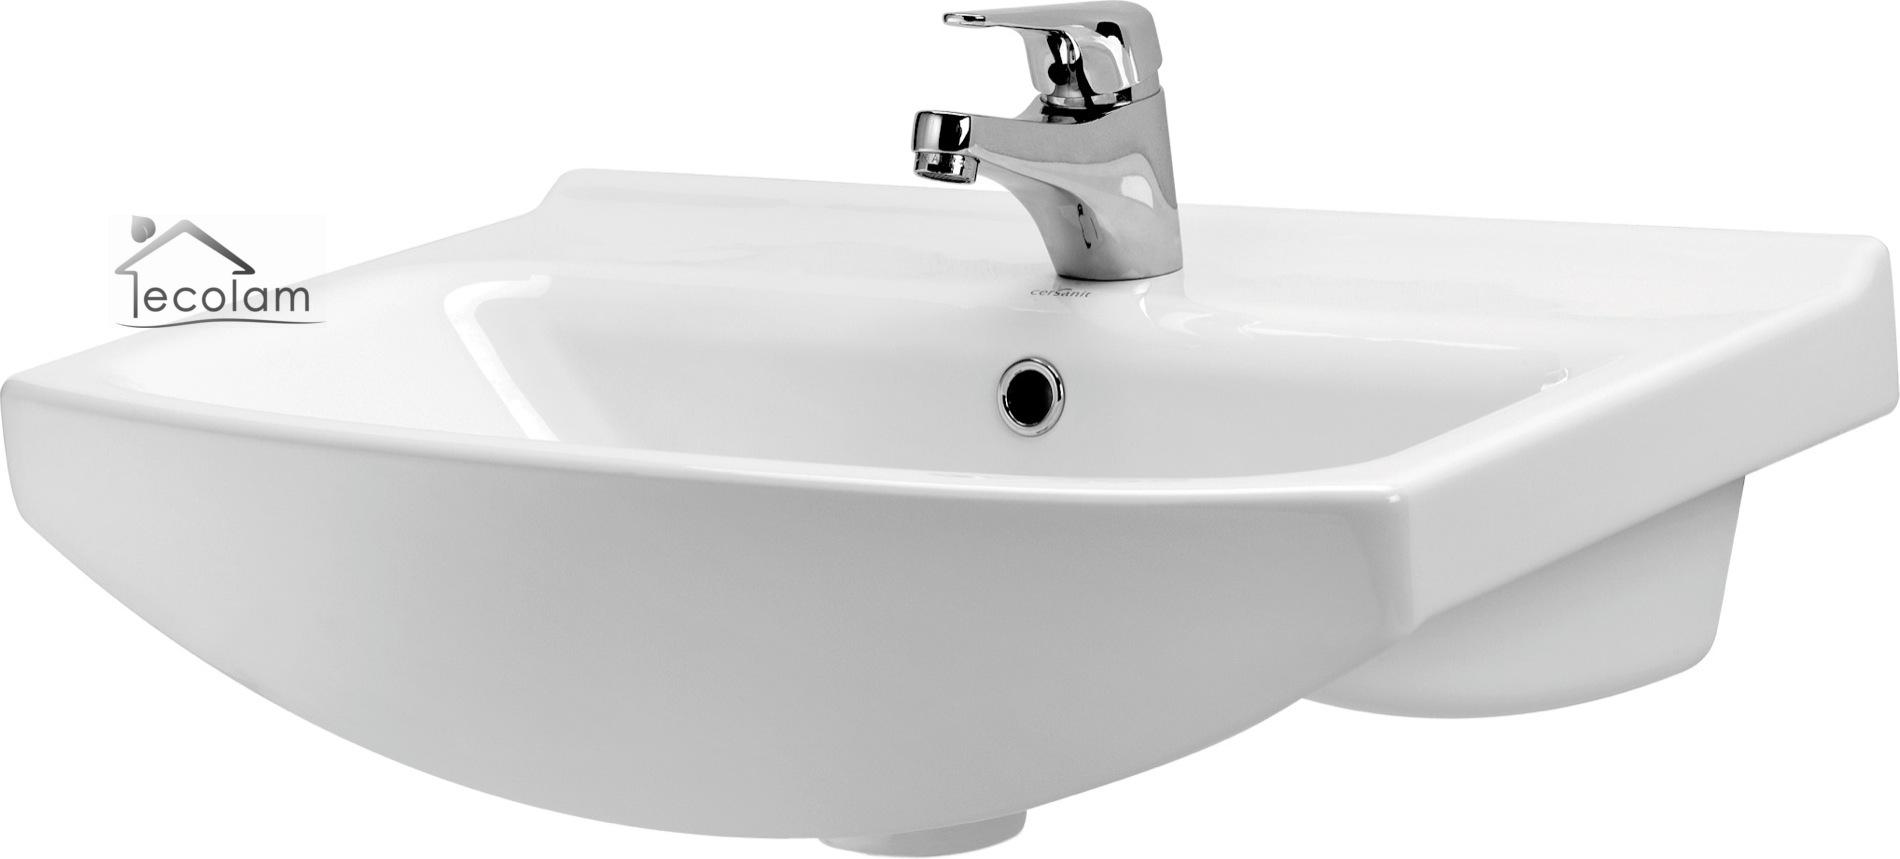 badm bel waschbecken 55 cm waschtisch waschbeckenunterschrank wei cersanit c o ebay. Black Bedroom Furniture Sets. Home Design Ideas